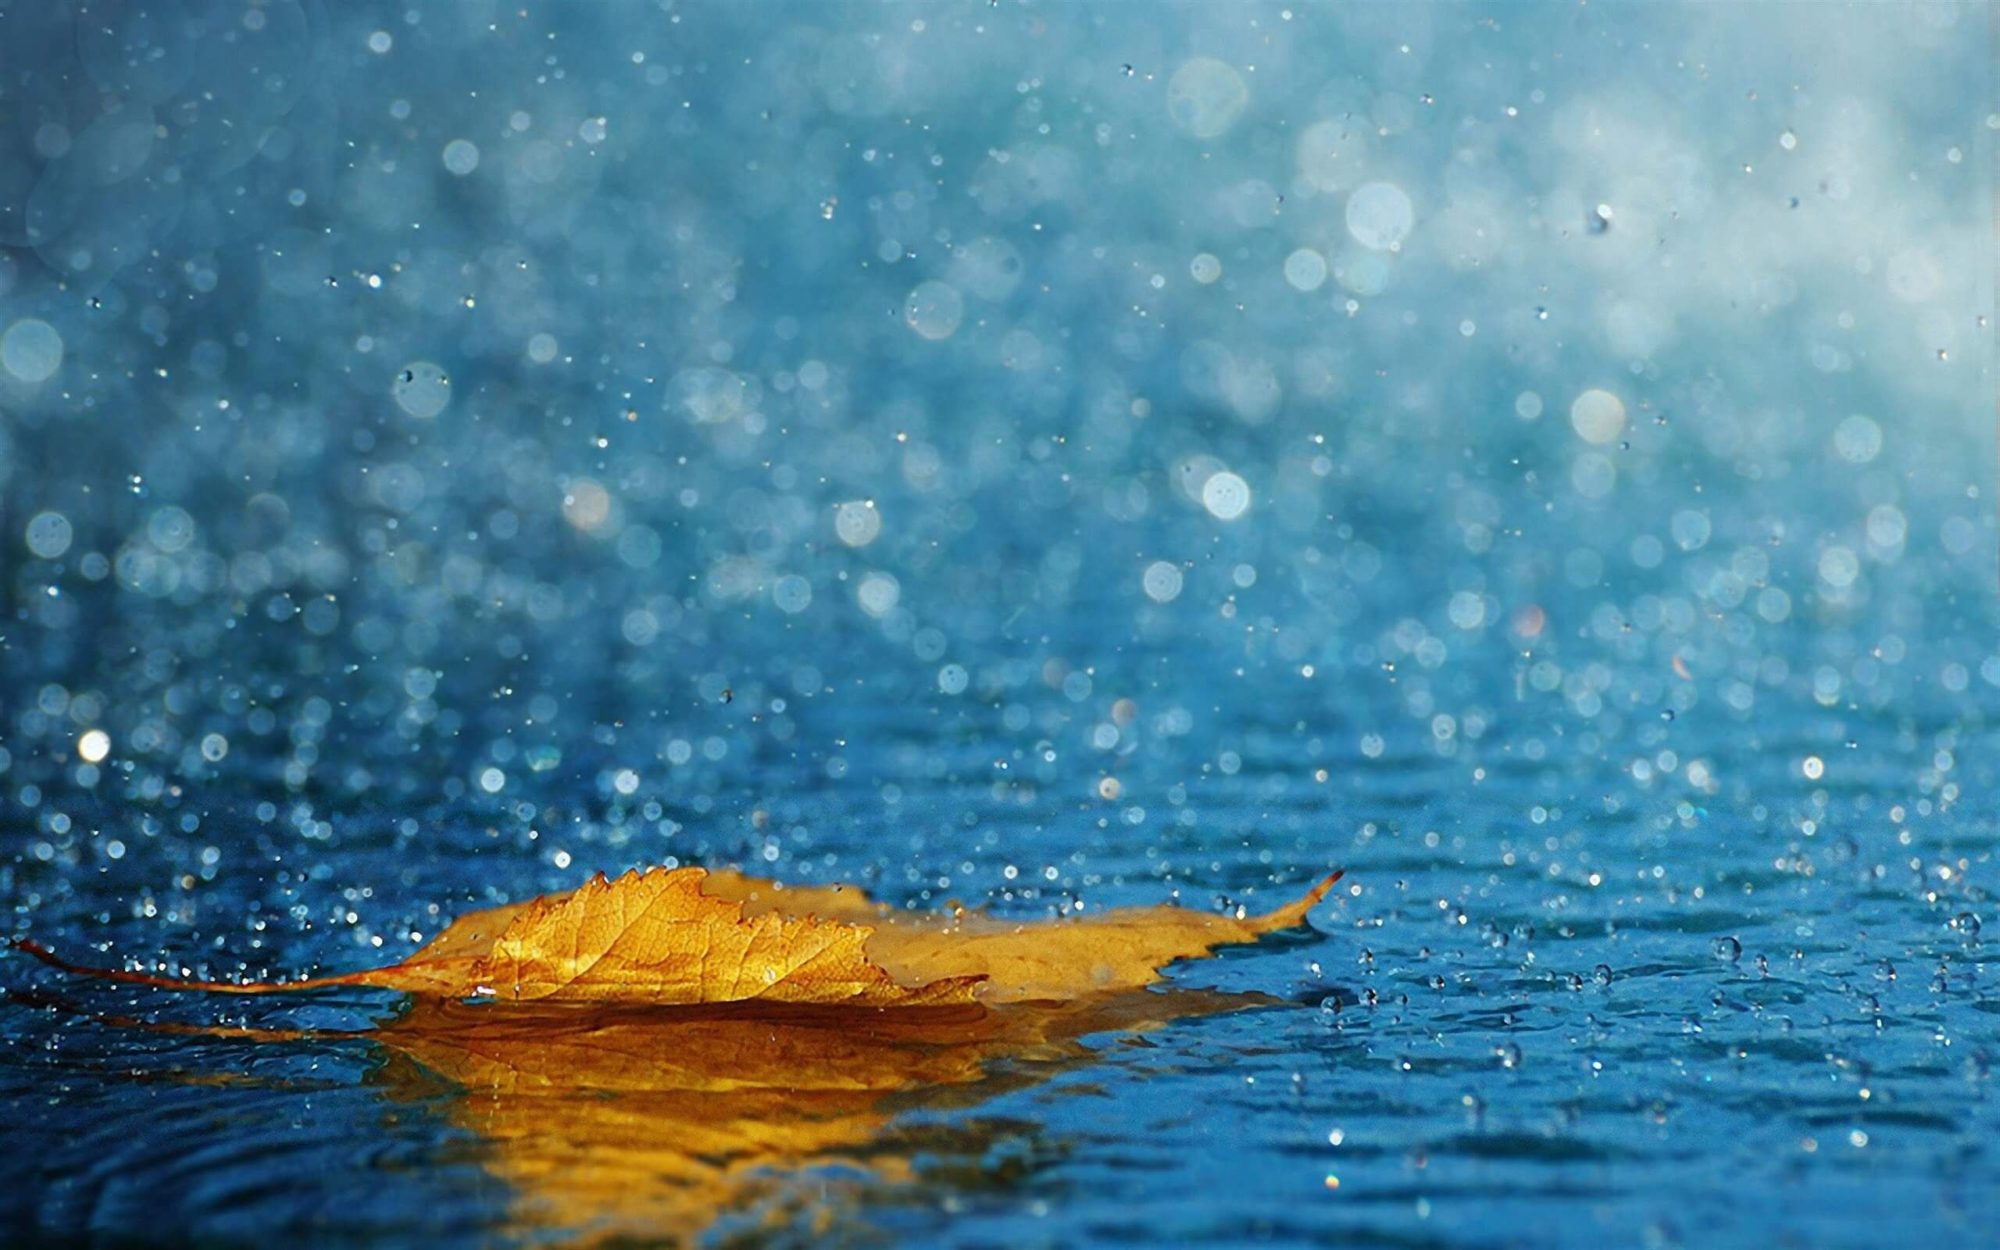 07_pogoda3-2000x1250 7 листопада Україну накриє холодний атмосферний фронт: на Київщині дощі